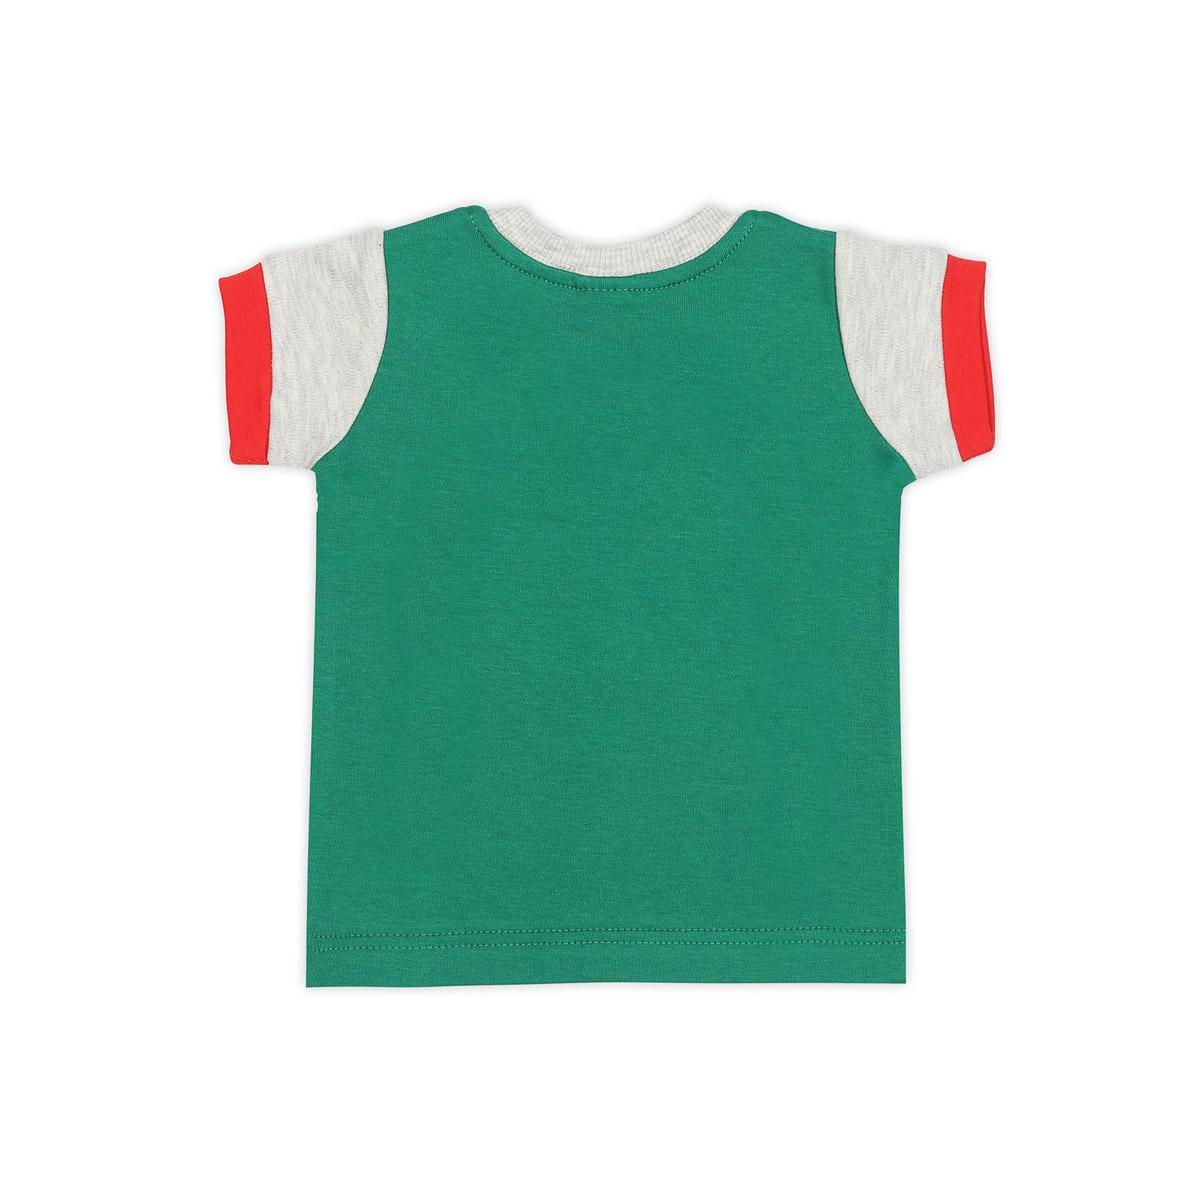 Футболка Ёмаё Хохлома (27-636) рост 68 светло серый меланж с зеленым